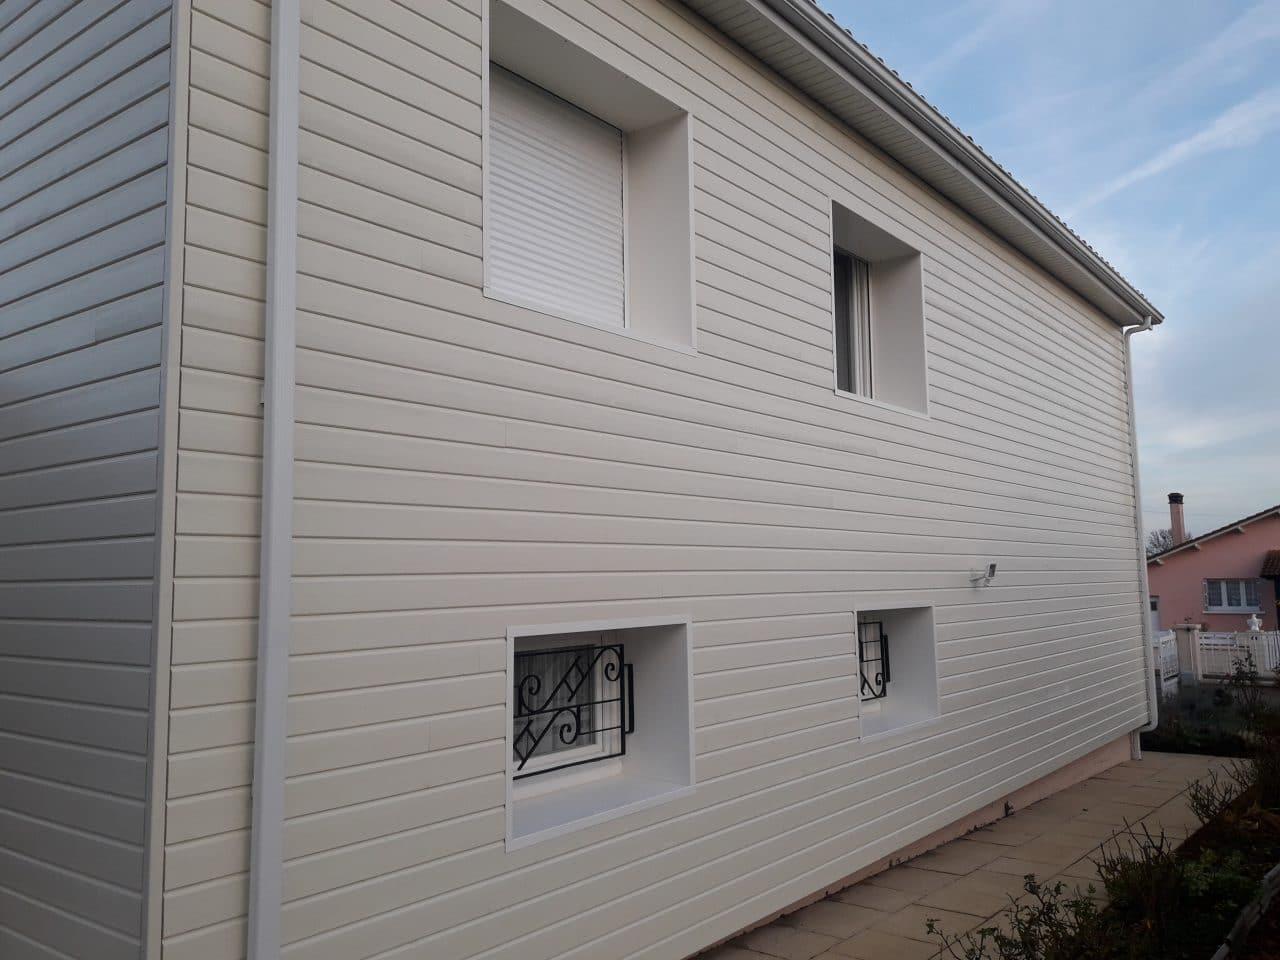 isolation thermique par l'extérieur à Saint Léger de la Martinière